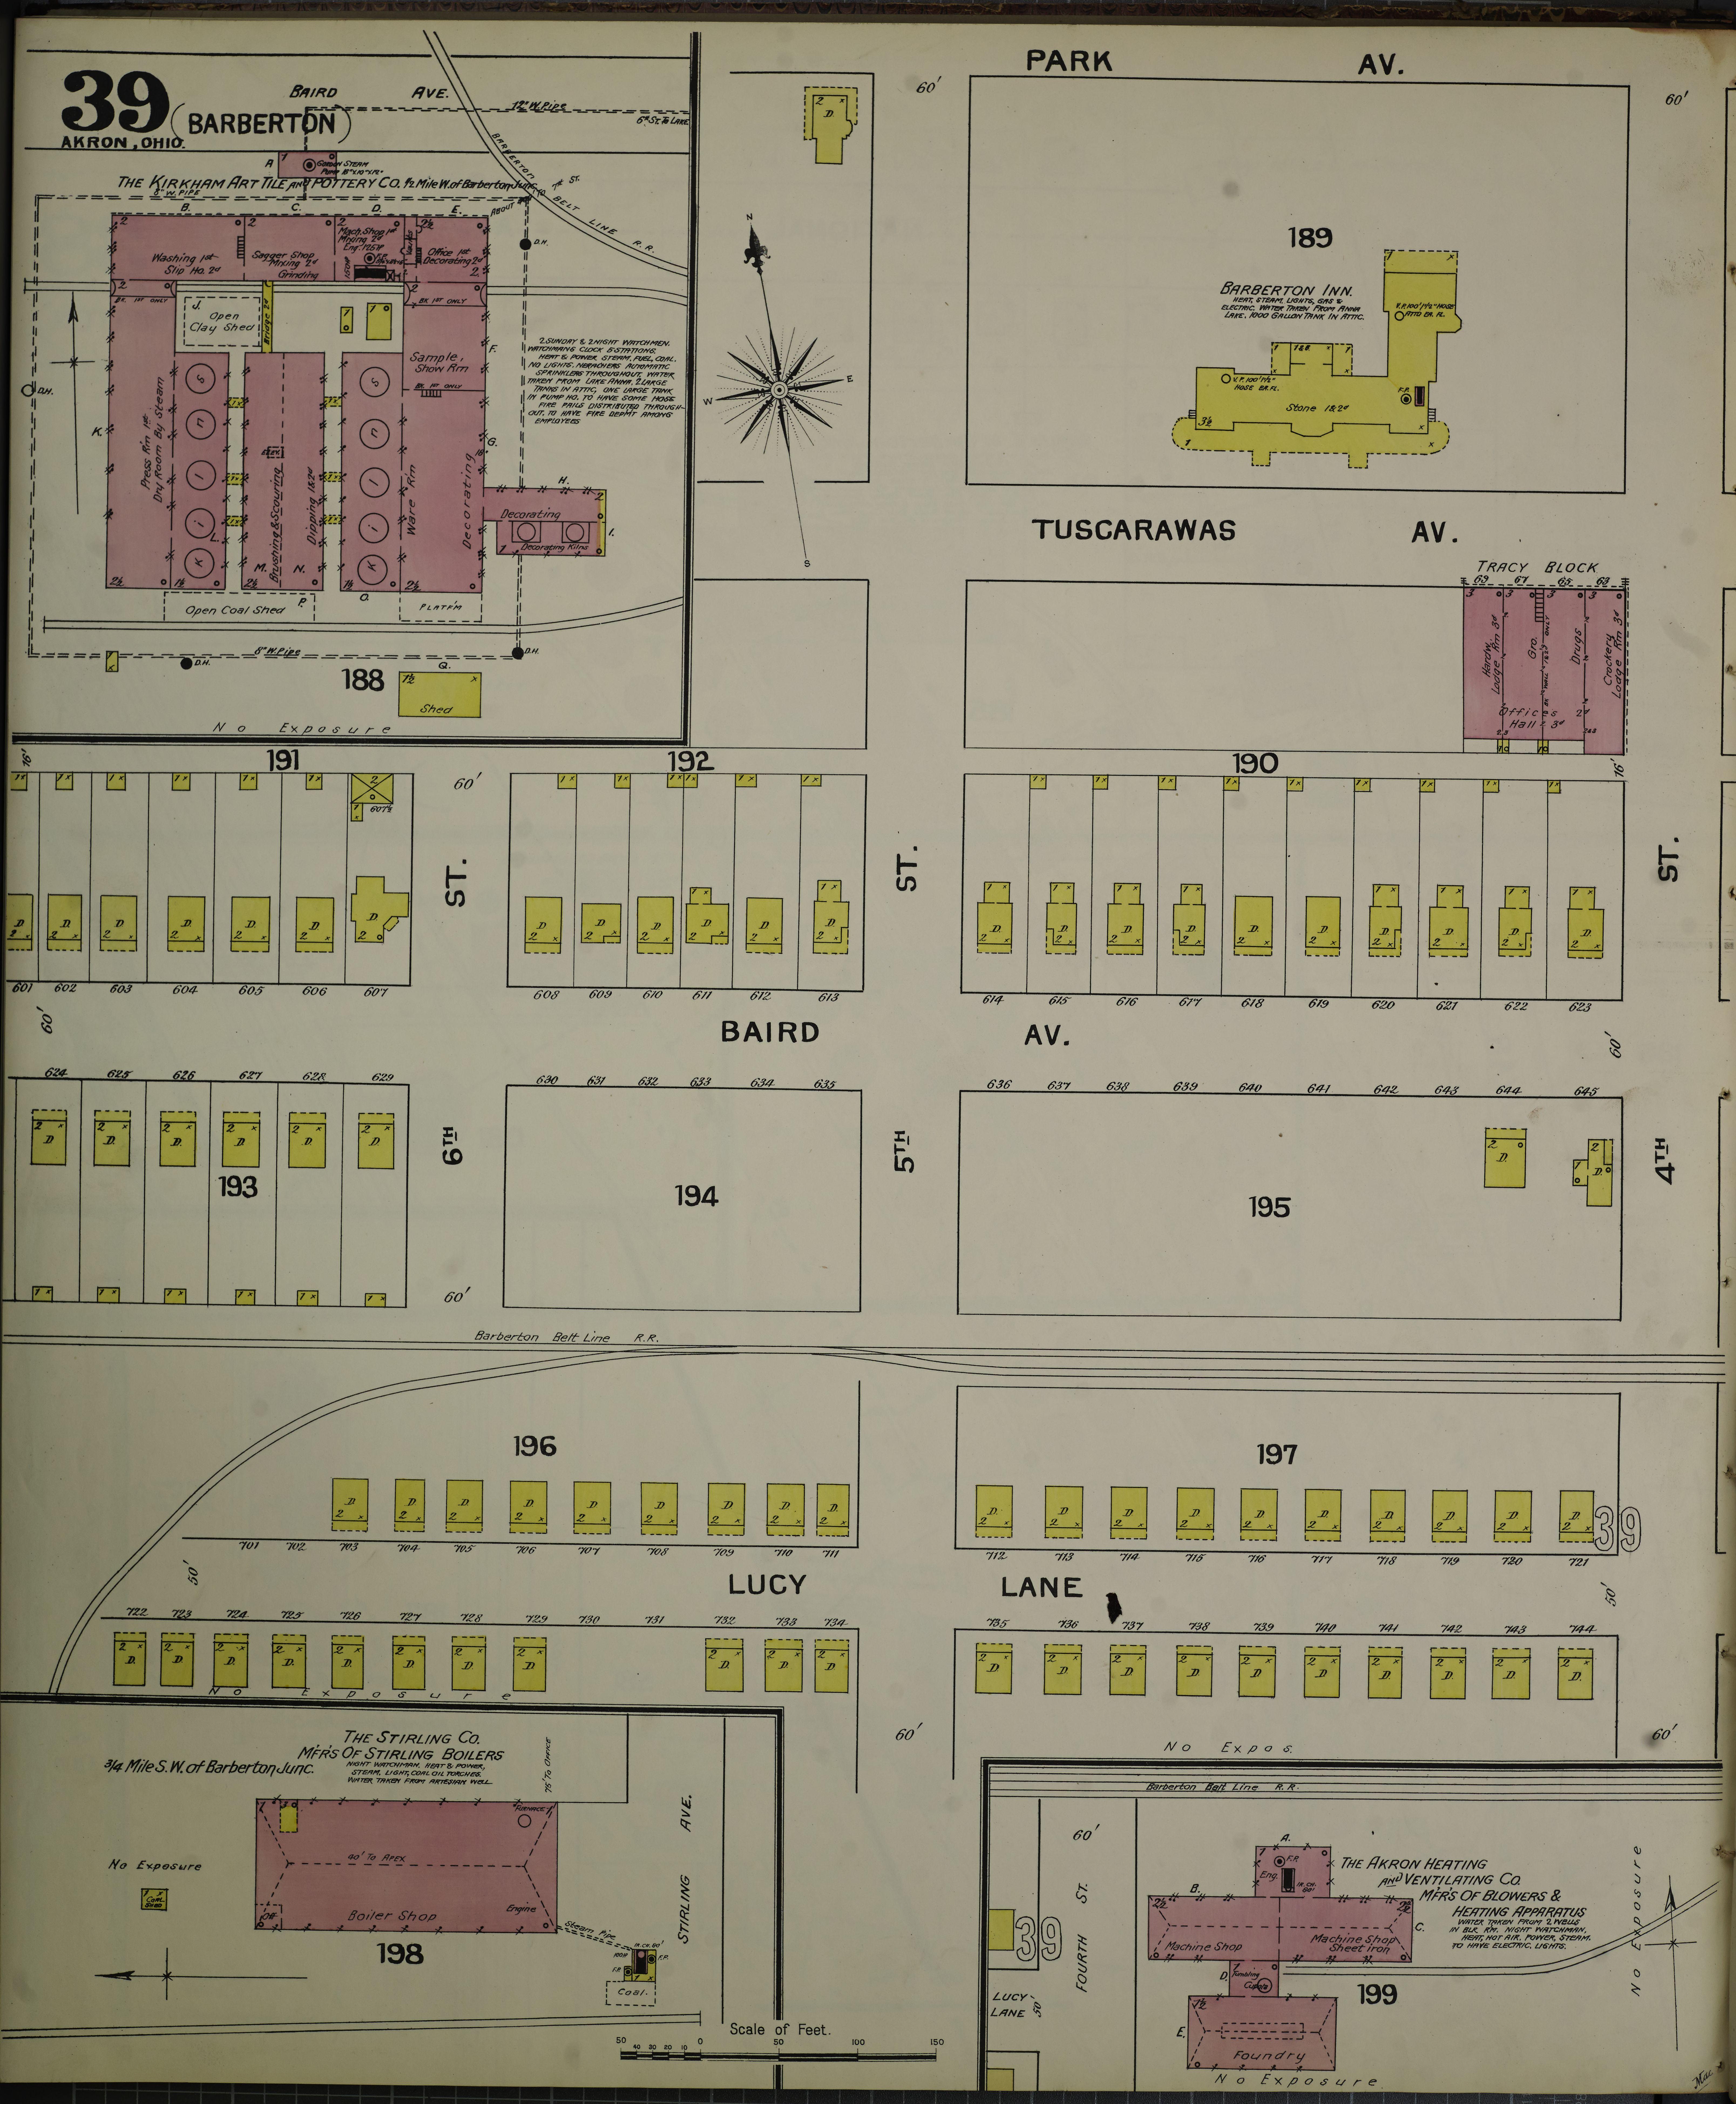 street map of fairlawn ohio, map of grand lake ohio, map of montrose ohio, map of berlin heights ohio, map of bratenahl ohio, map of sharon center ohio, map of frazeysburg ohio, map of walbridge ohio, map of copley ohio, map of cuyahoga river ohio, map of new holland ohio, map of california ohio, map of cincinnati ohio, map of new york ohio, map of alger ohio, map of franklin township ohio, map of black river ohio, map of nashville ohio, map of cuyahoga falls ohio, map of canton ohio, on map of akron ohio